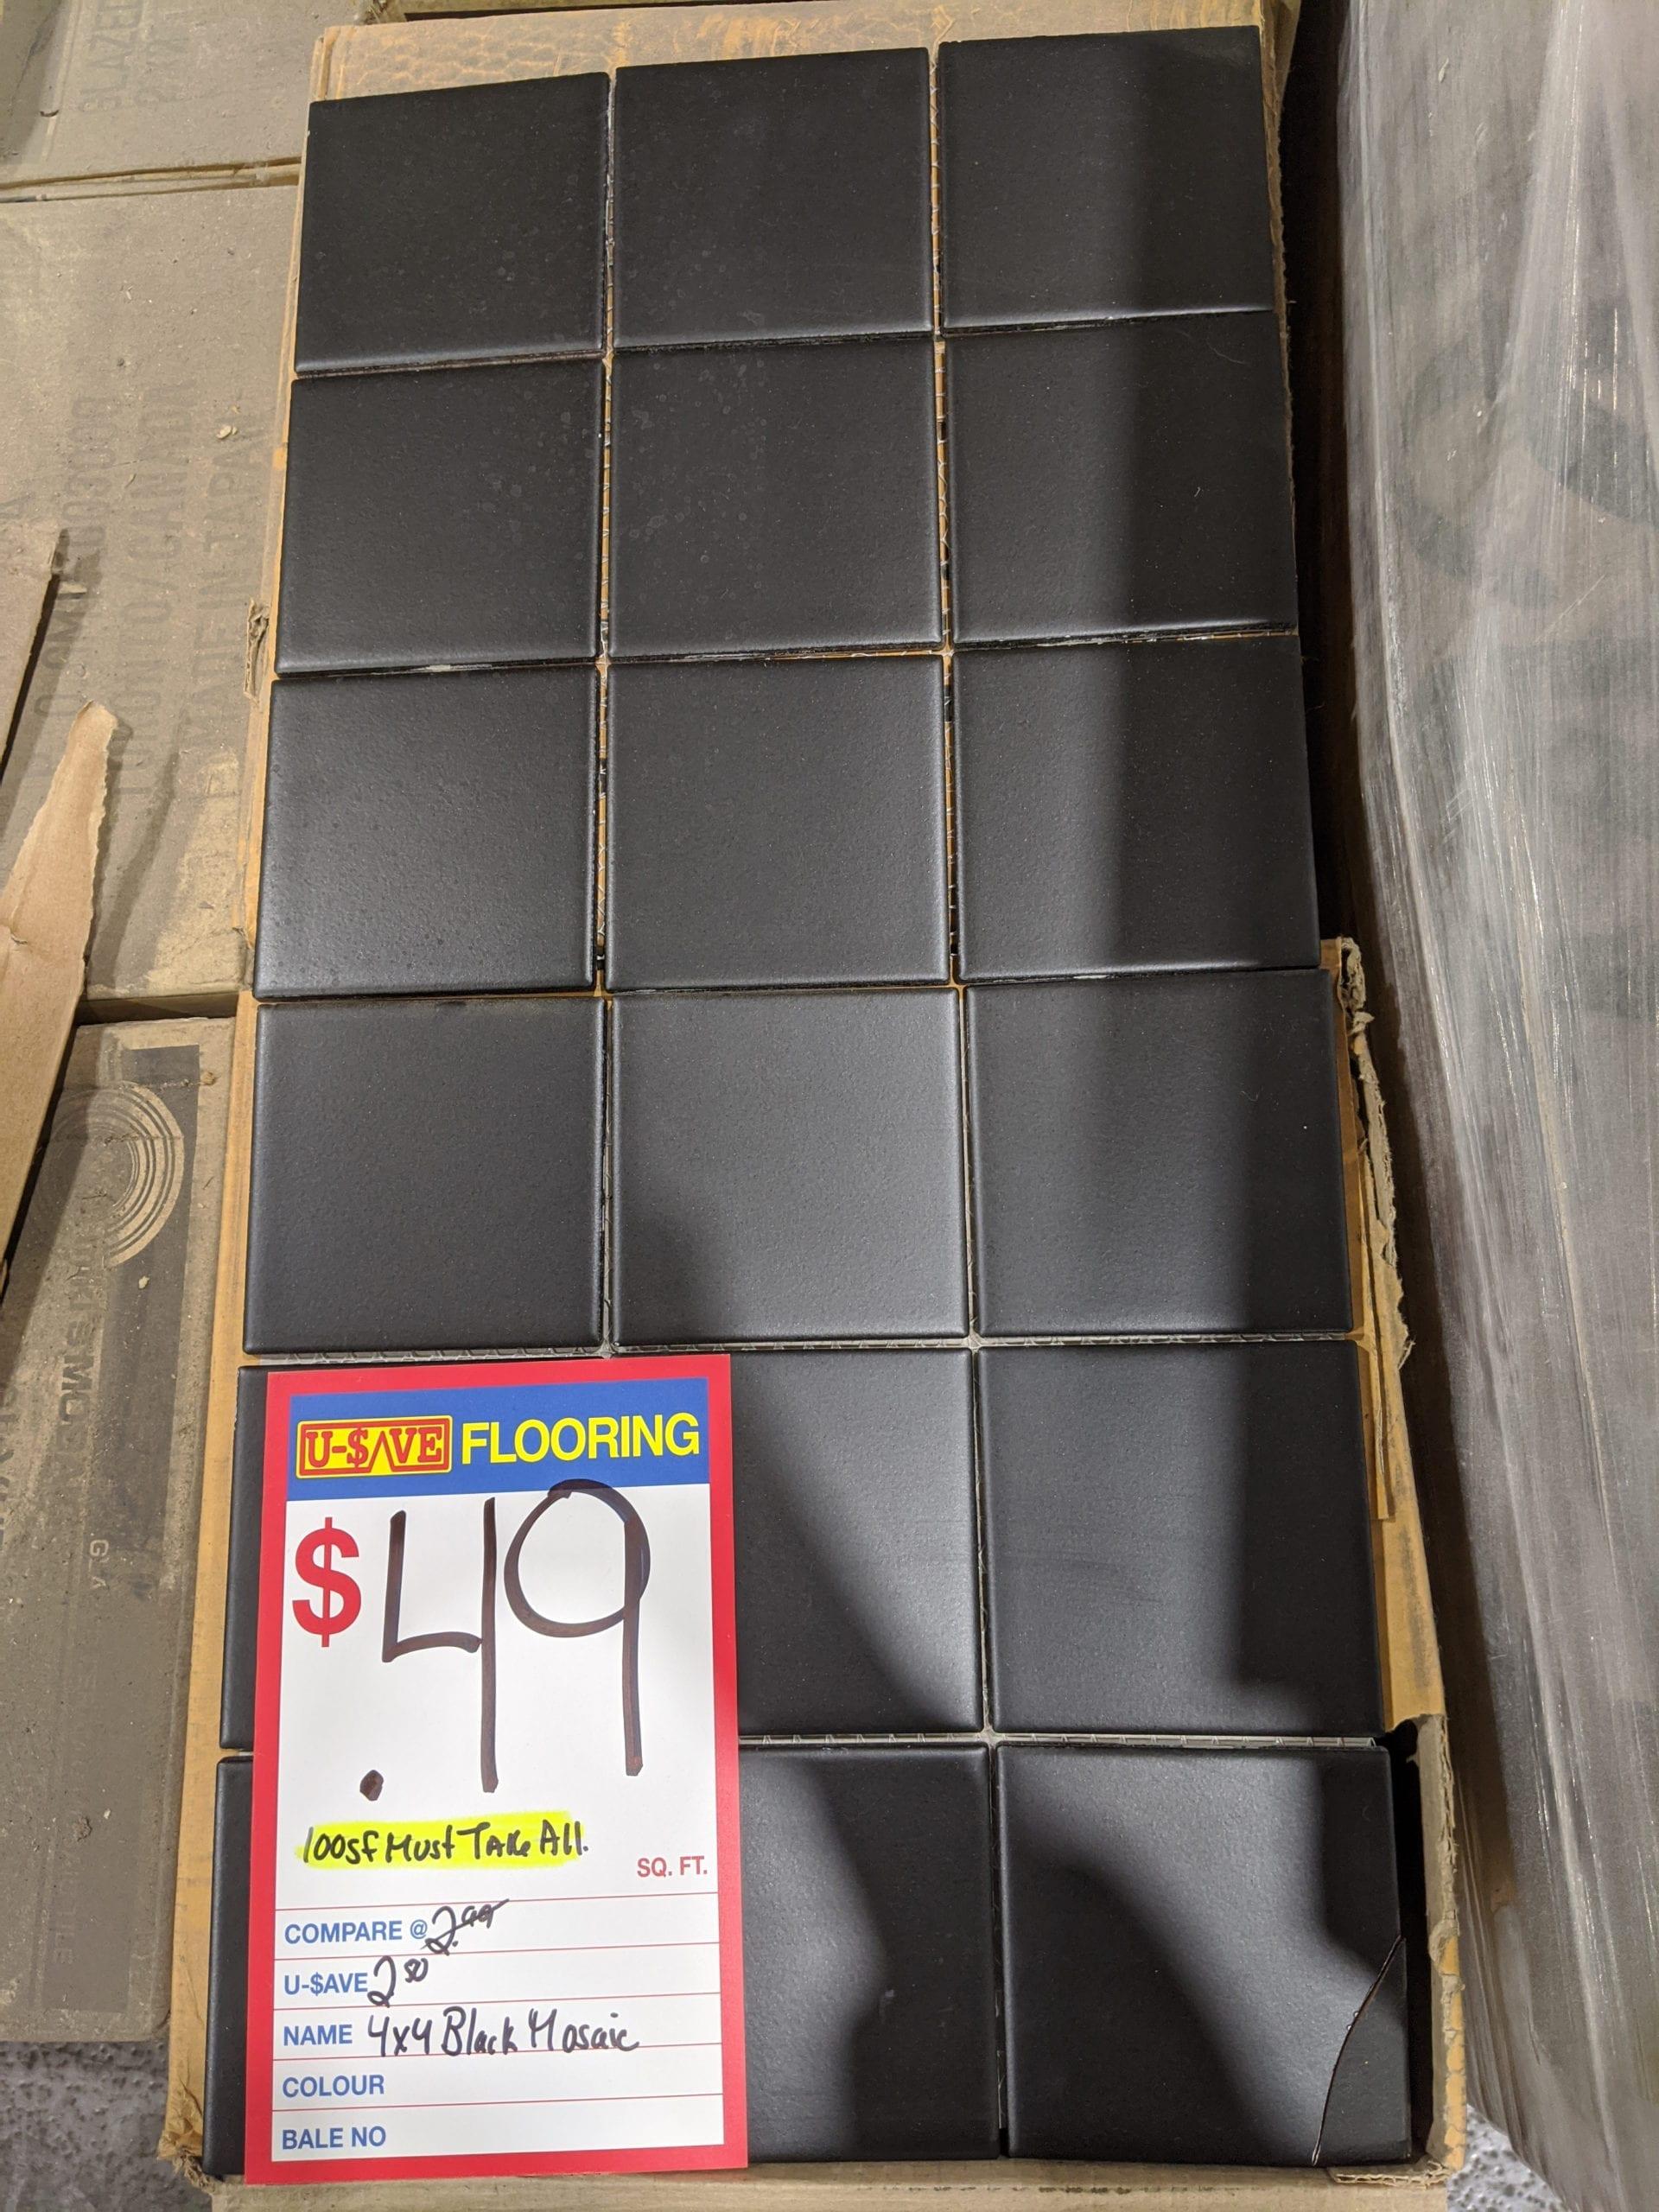 MustBuyAll 100sf 4×4 Black Mosaic Tile_0.49